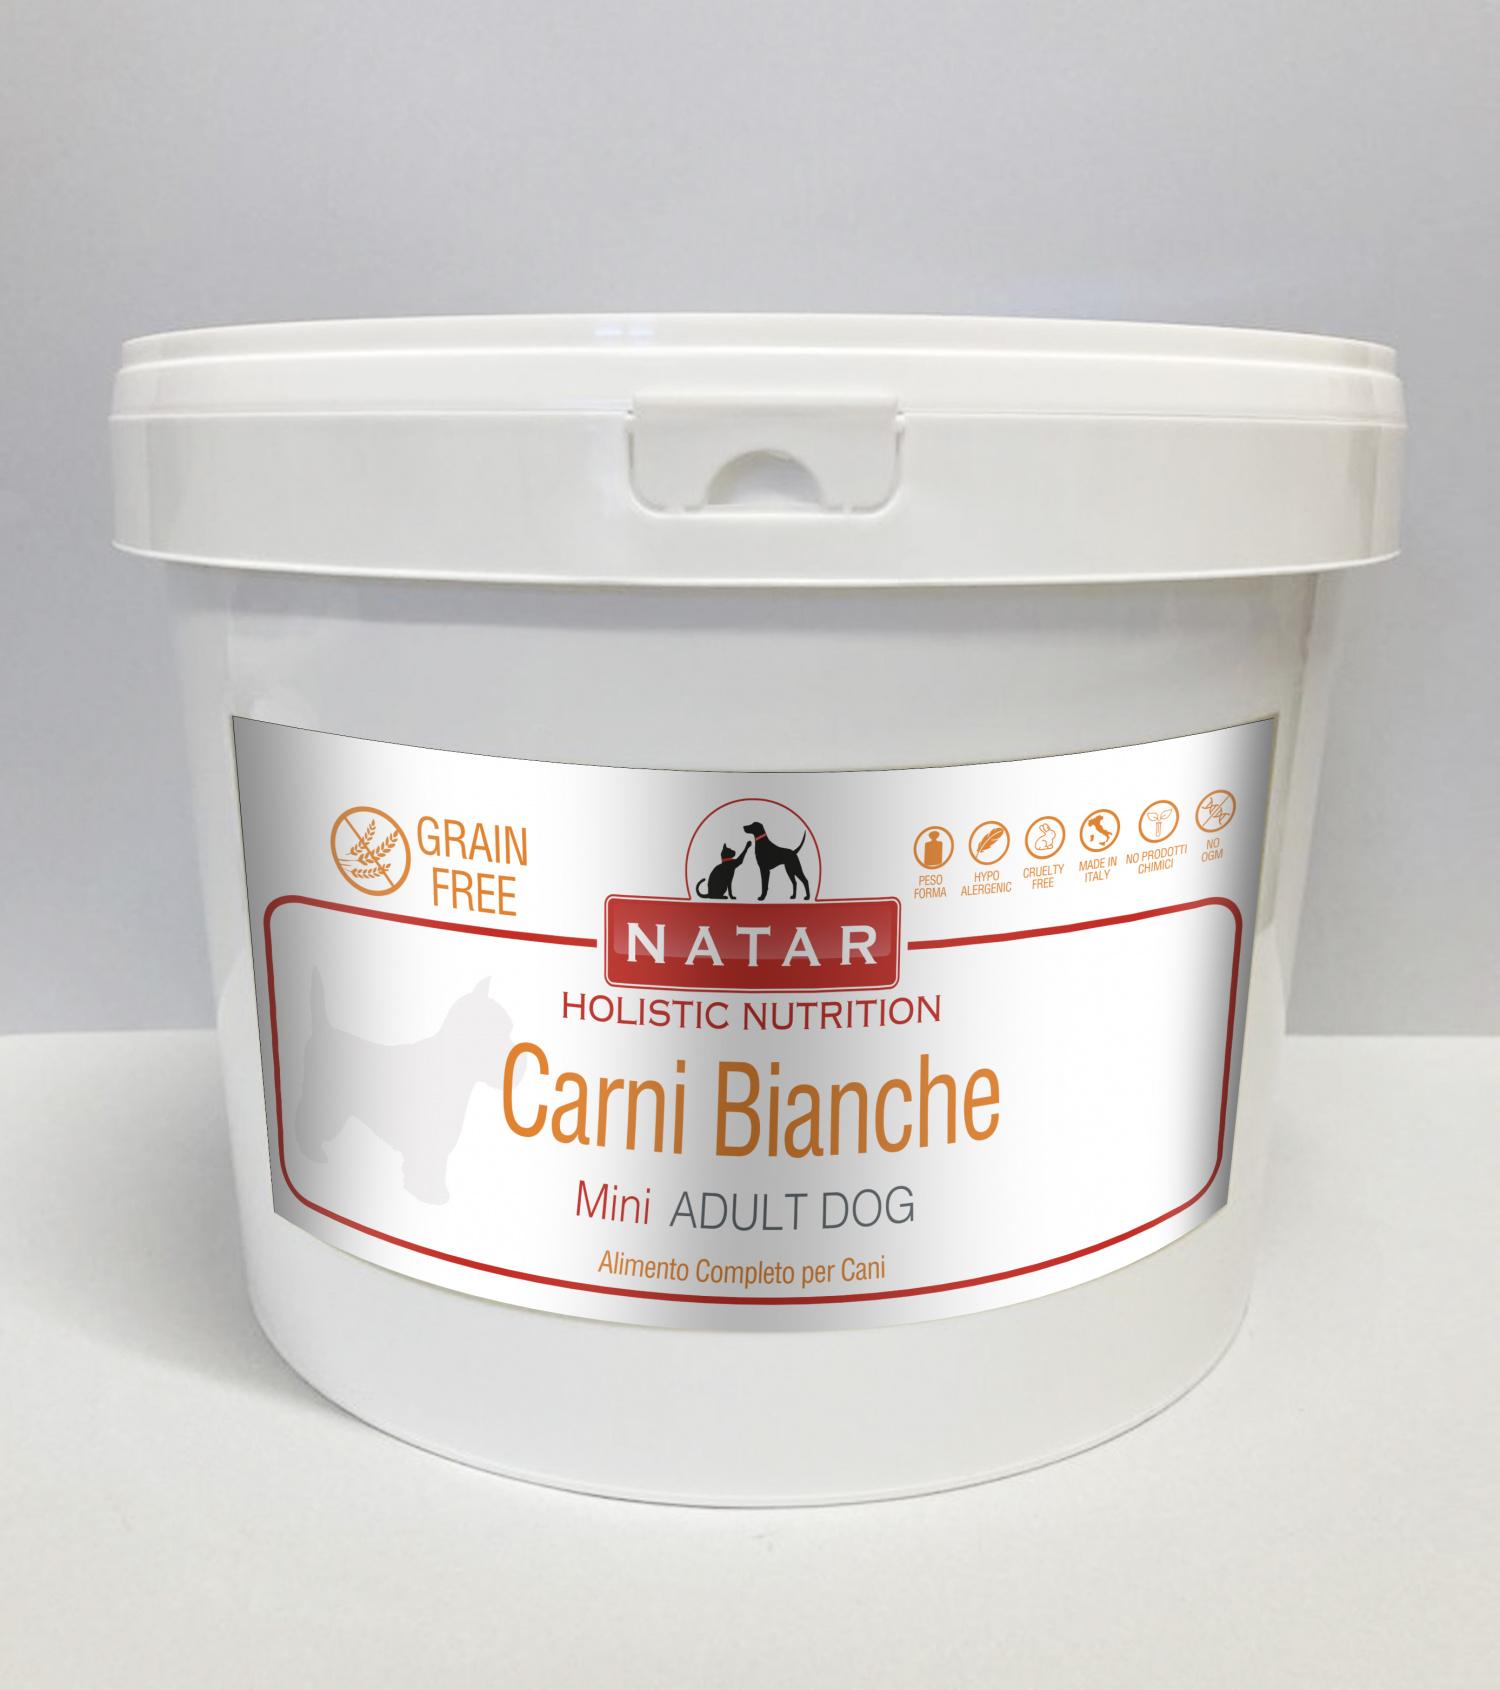 Cibo olistico per cani adulti a base di carni bianche con crocchette specifiche per cani di piccola taglia